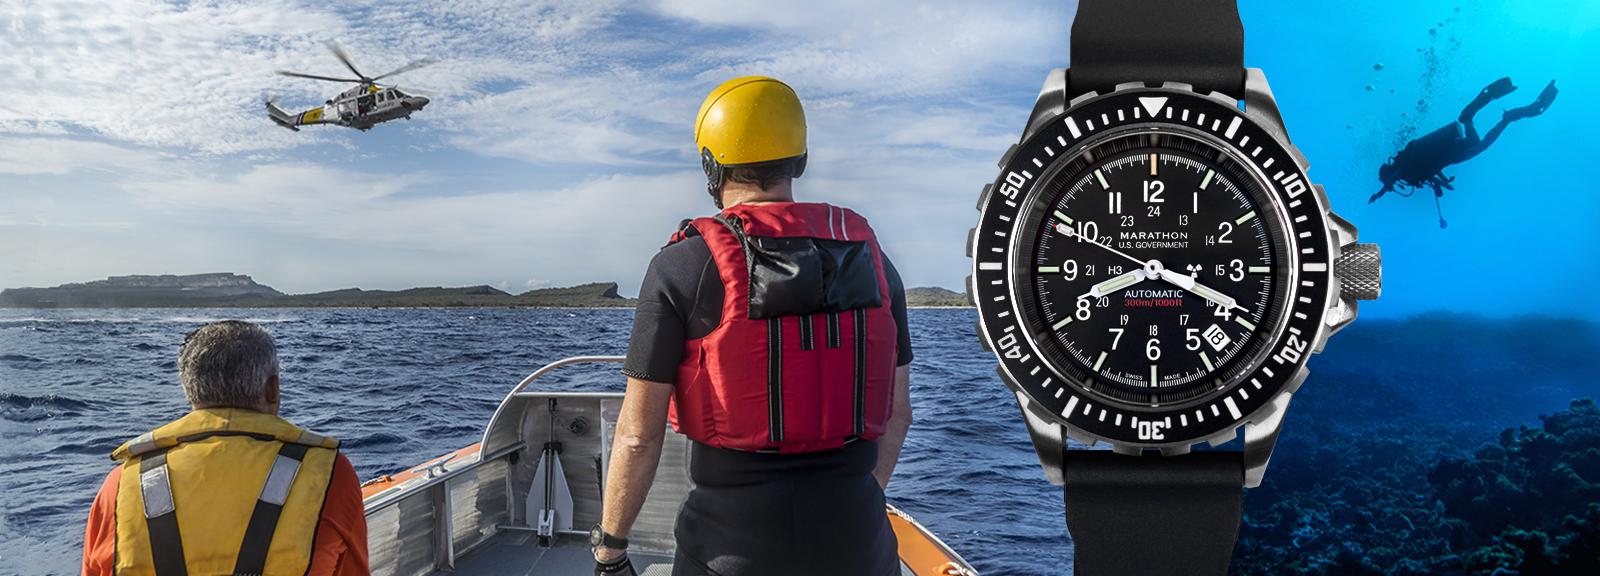 Marathon GSAR watch